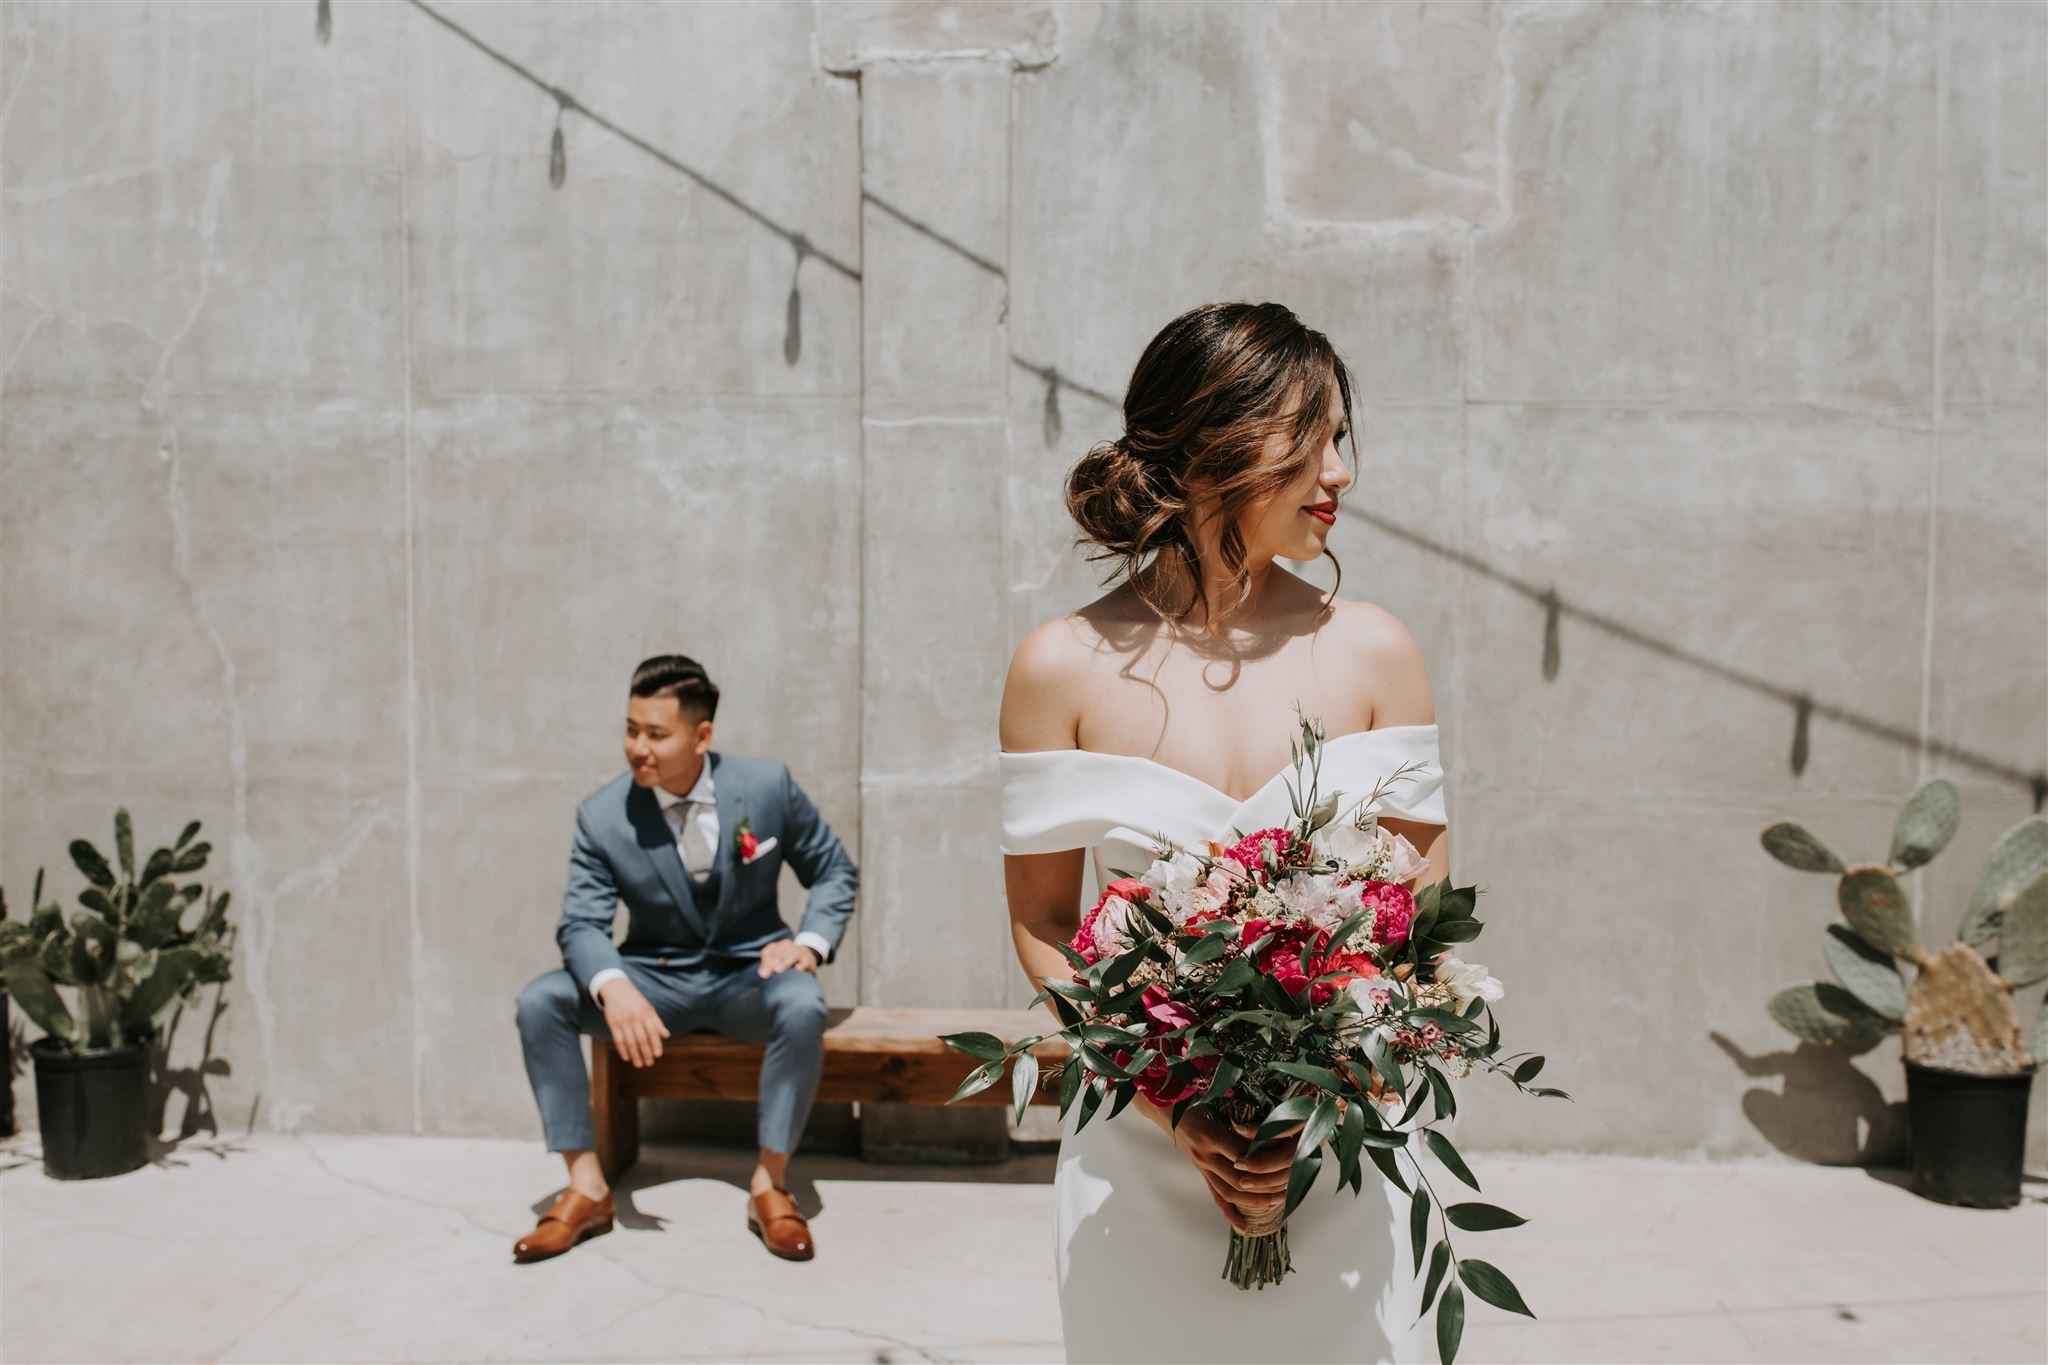 City Libre DTLA Downtown LA Los Angeles Wedding May Iosotaluno 12.jpg